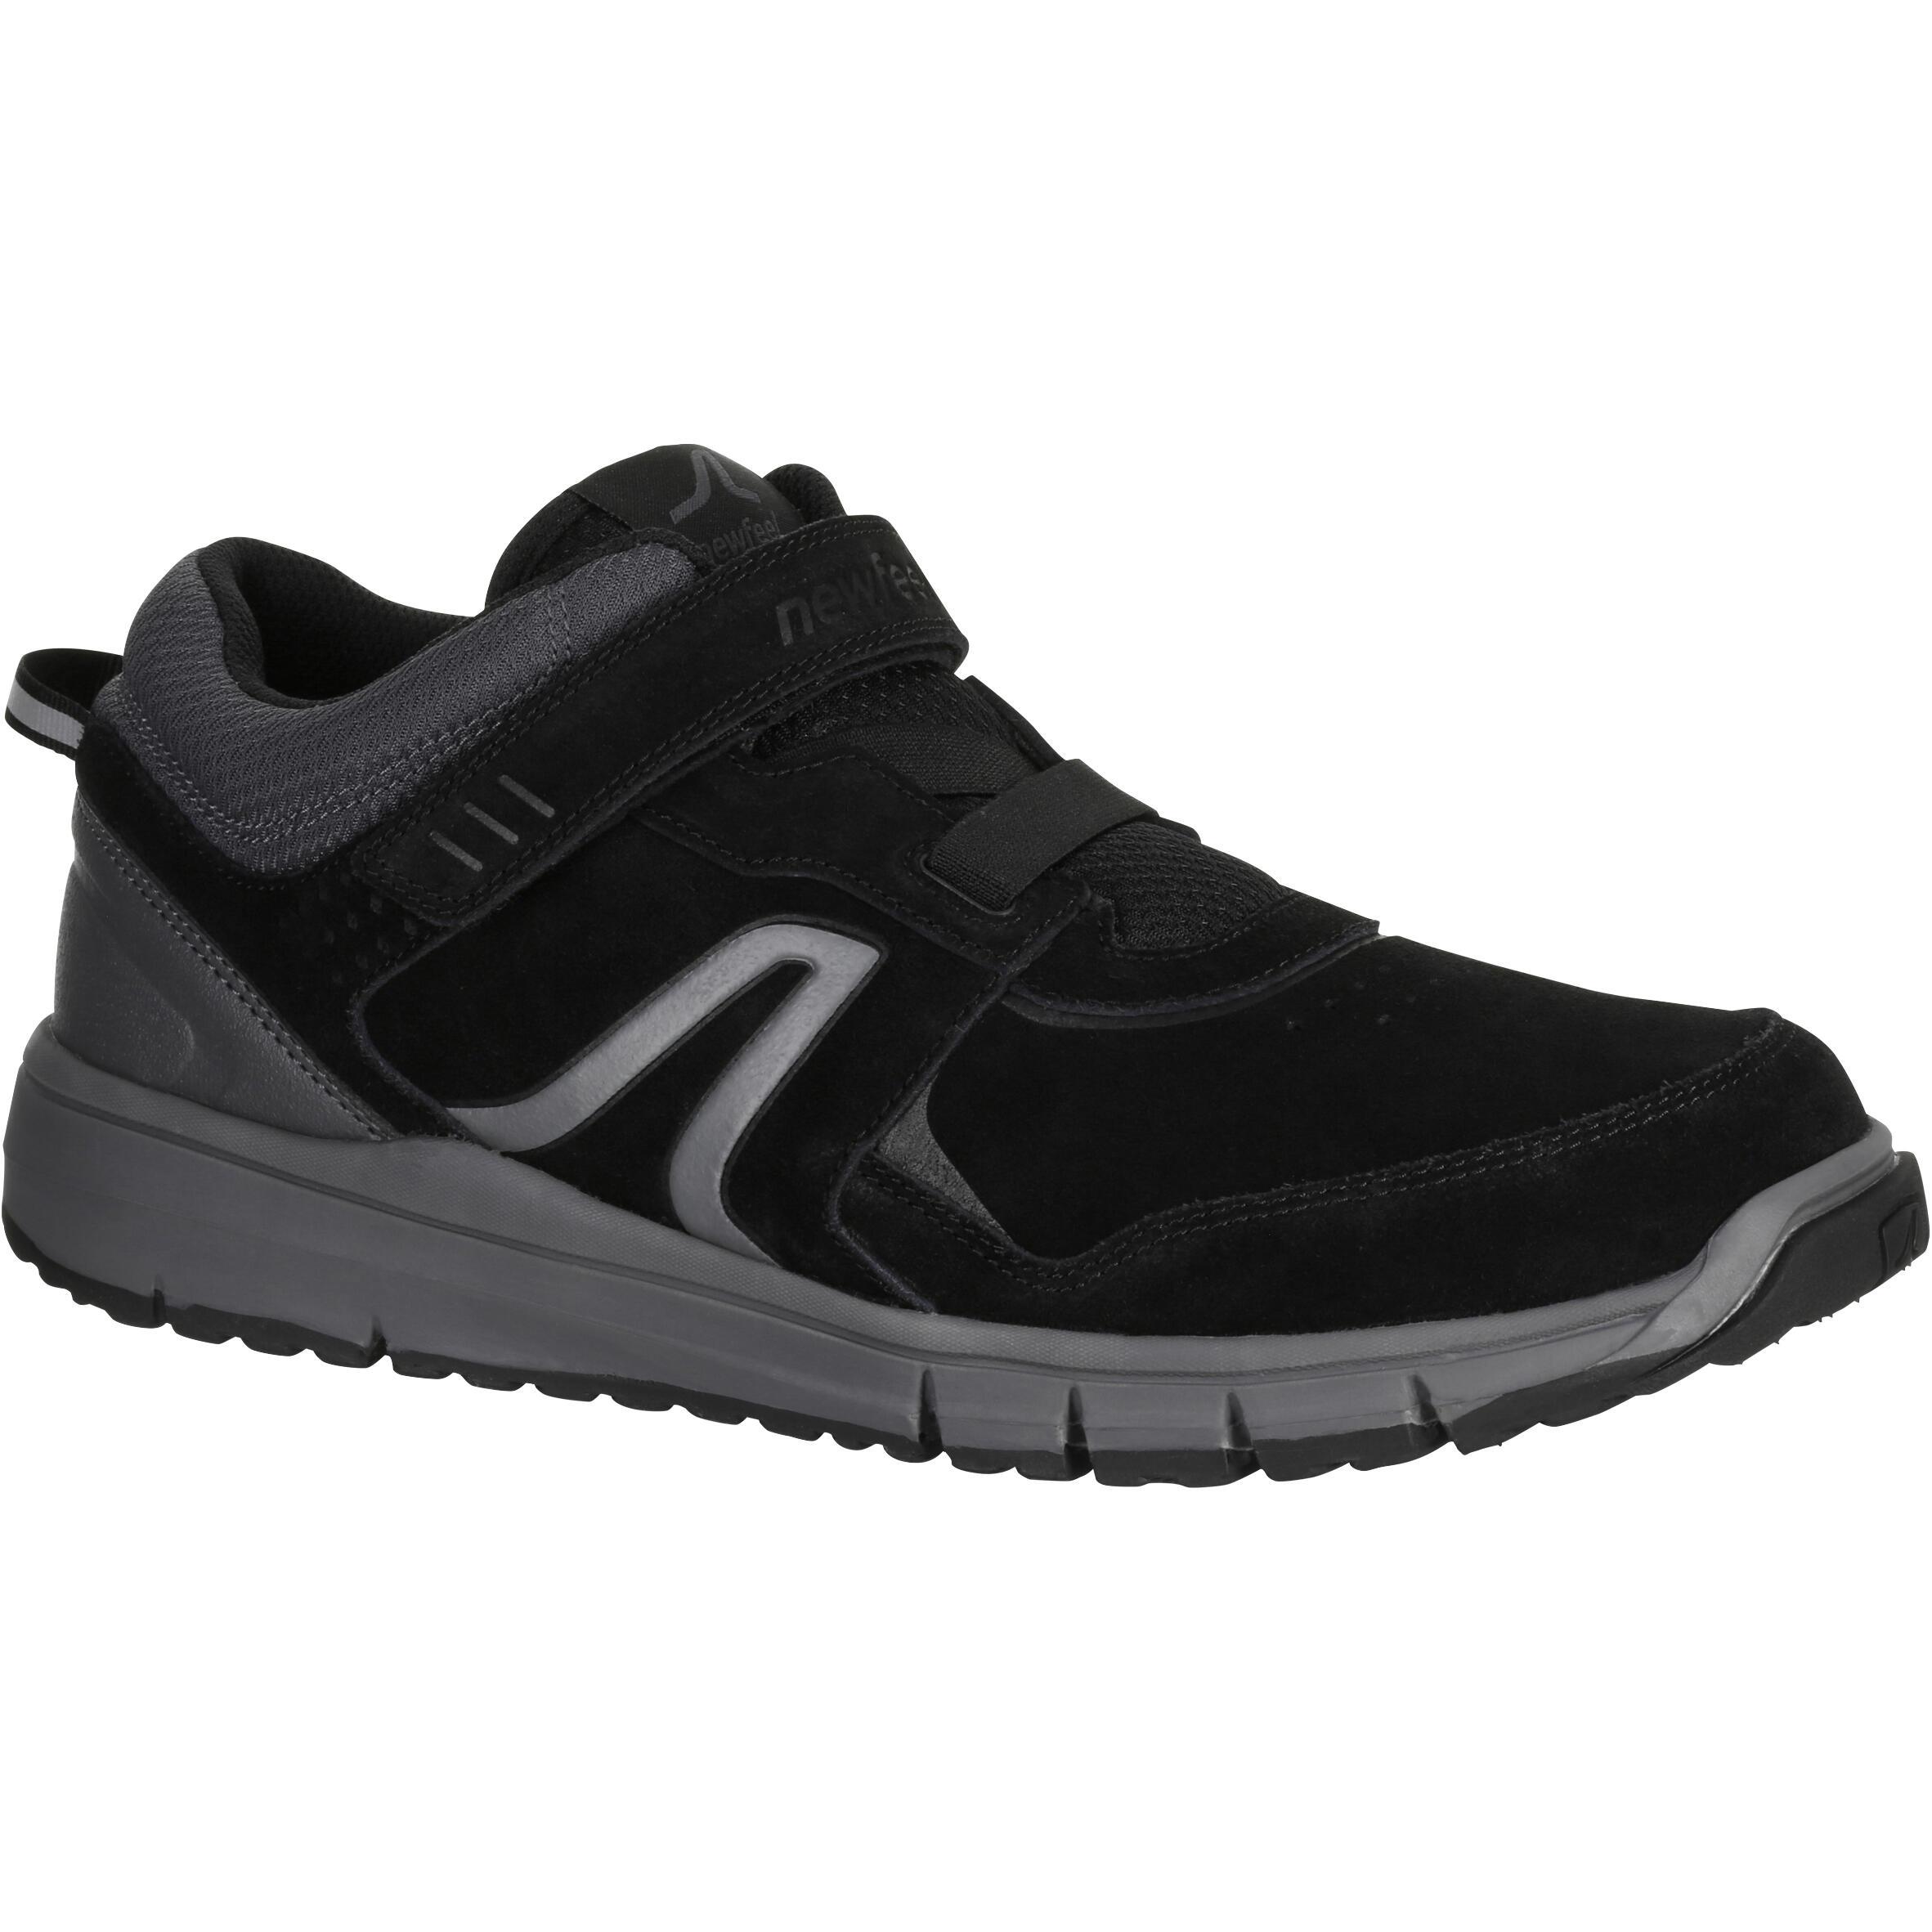 Newfeel Herensneakers voor sportief wandelen HW 140 strap leer zwart